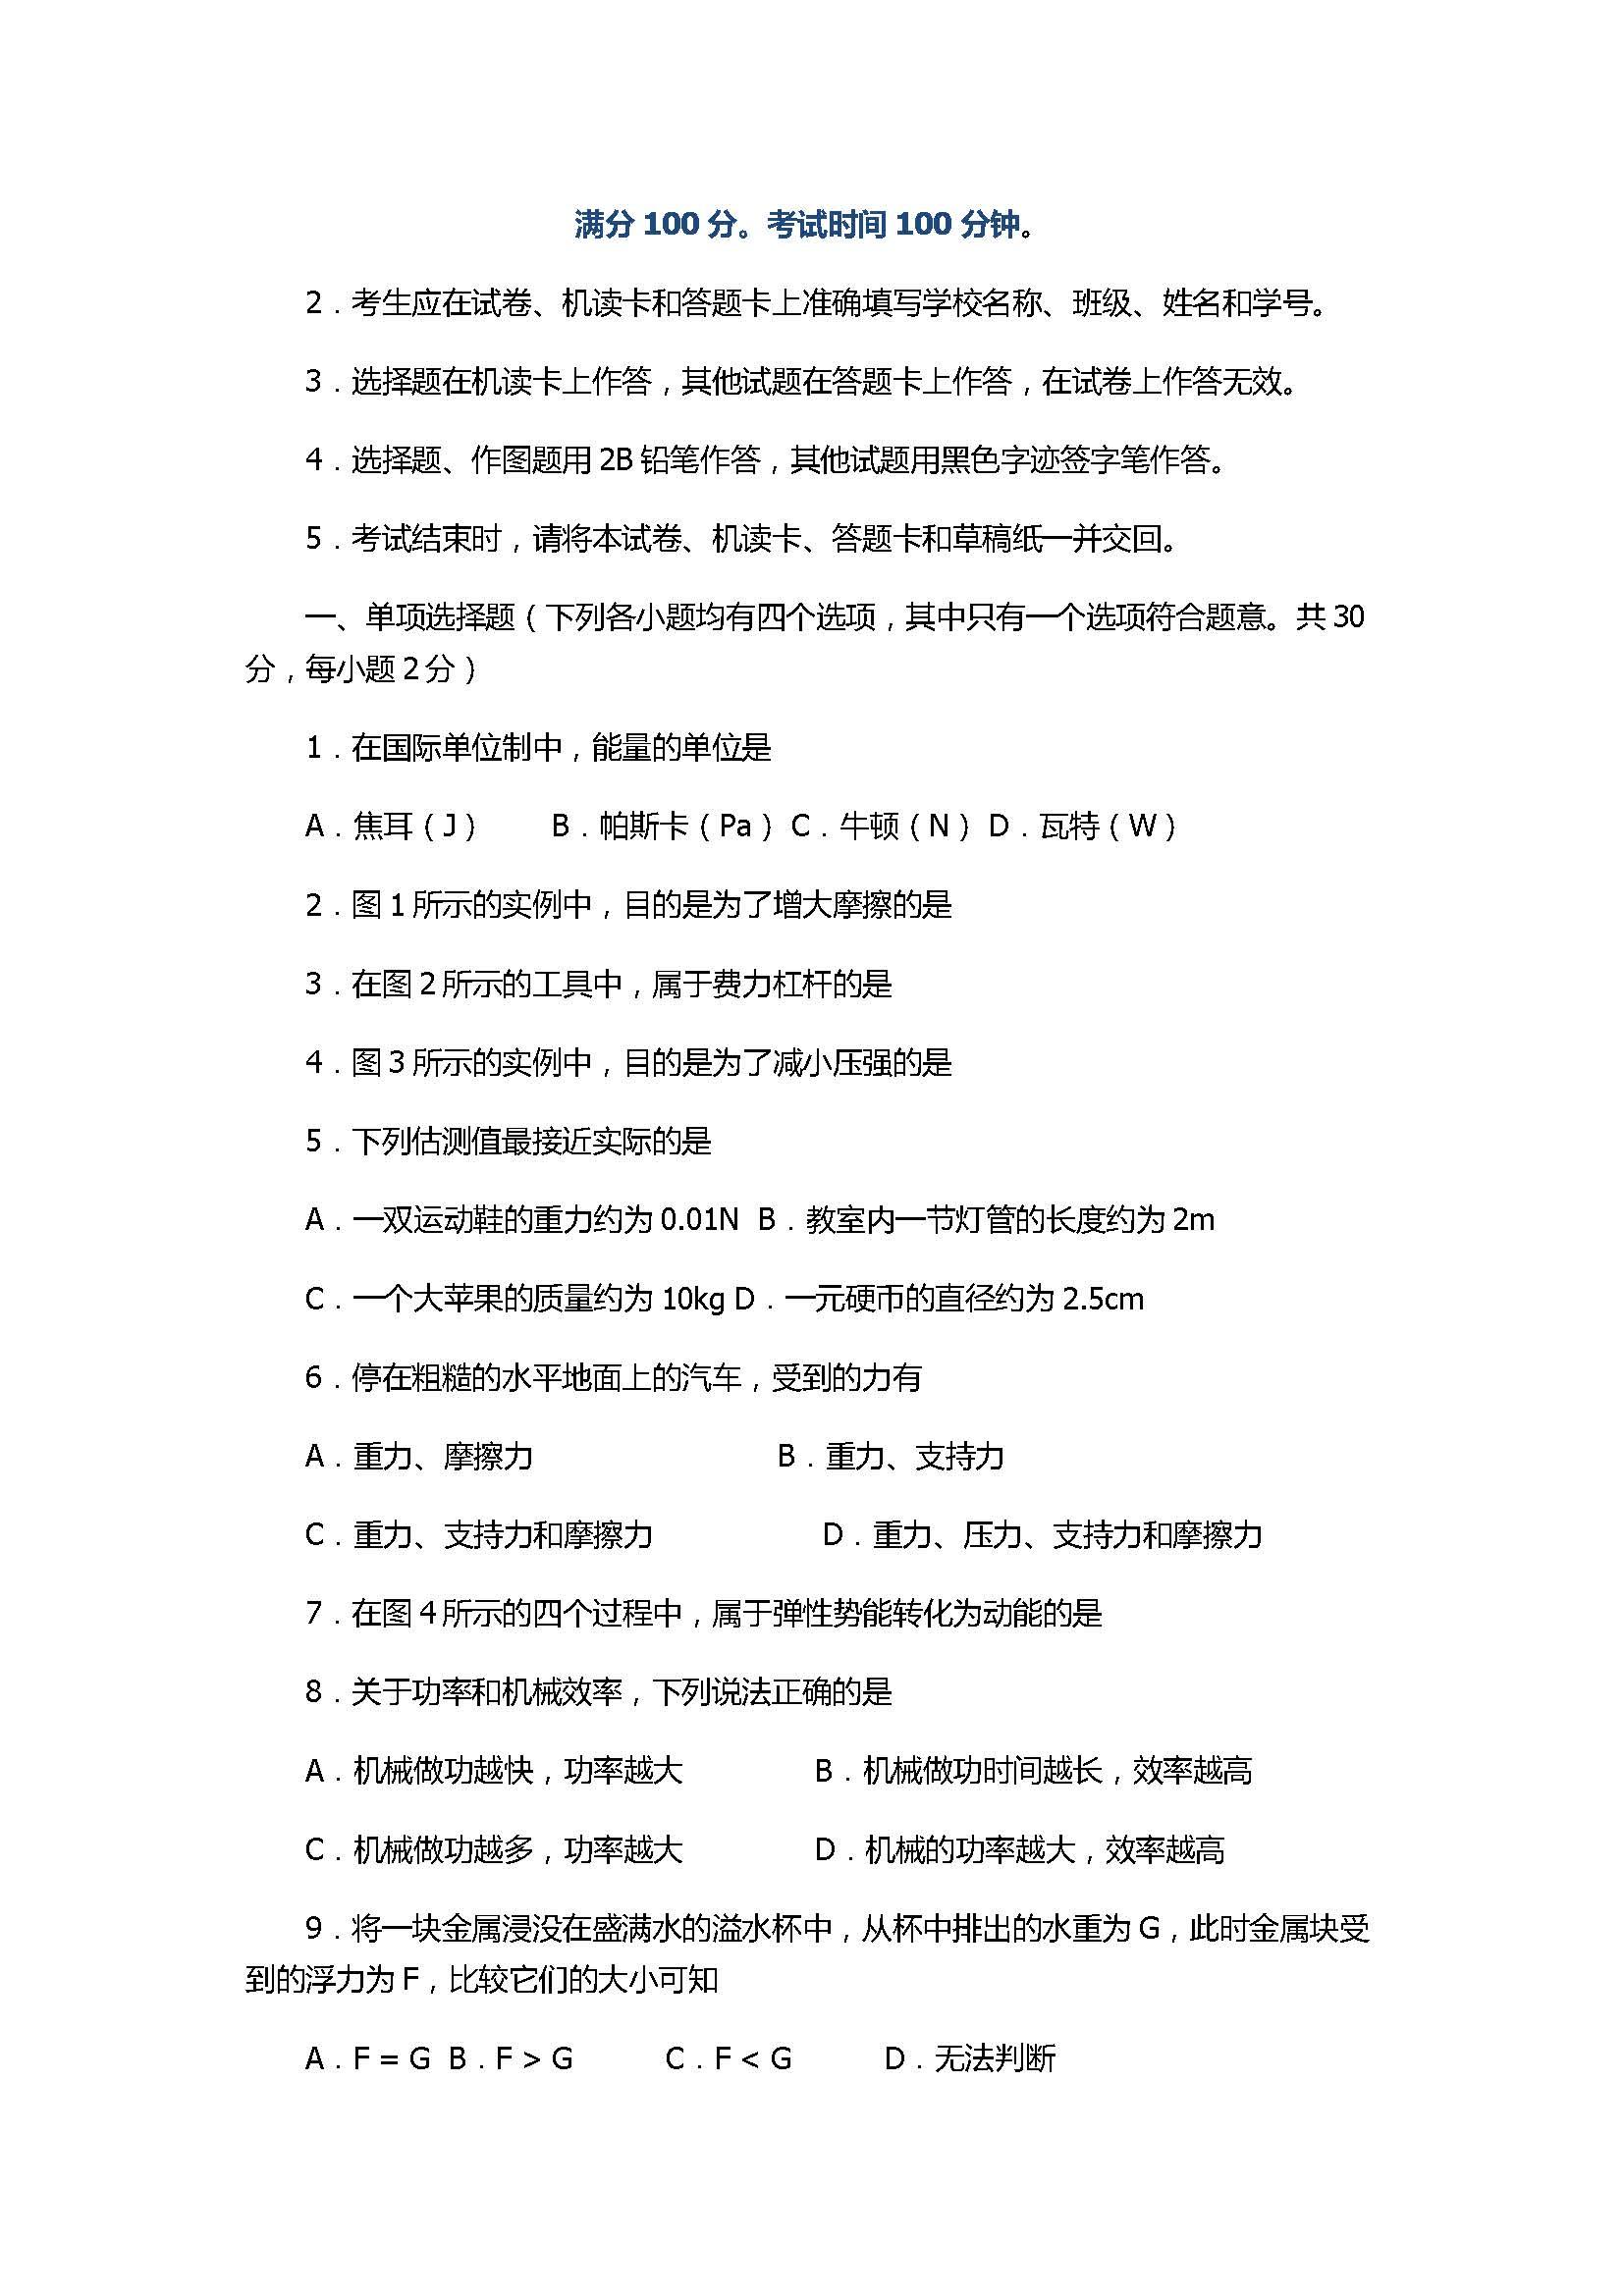 新人教版2017八年级物理下册期末试卷含答案(北京西城区)